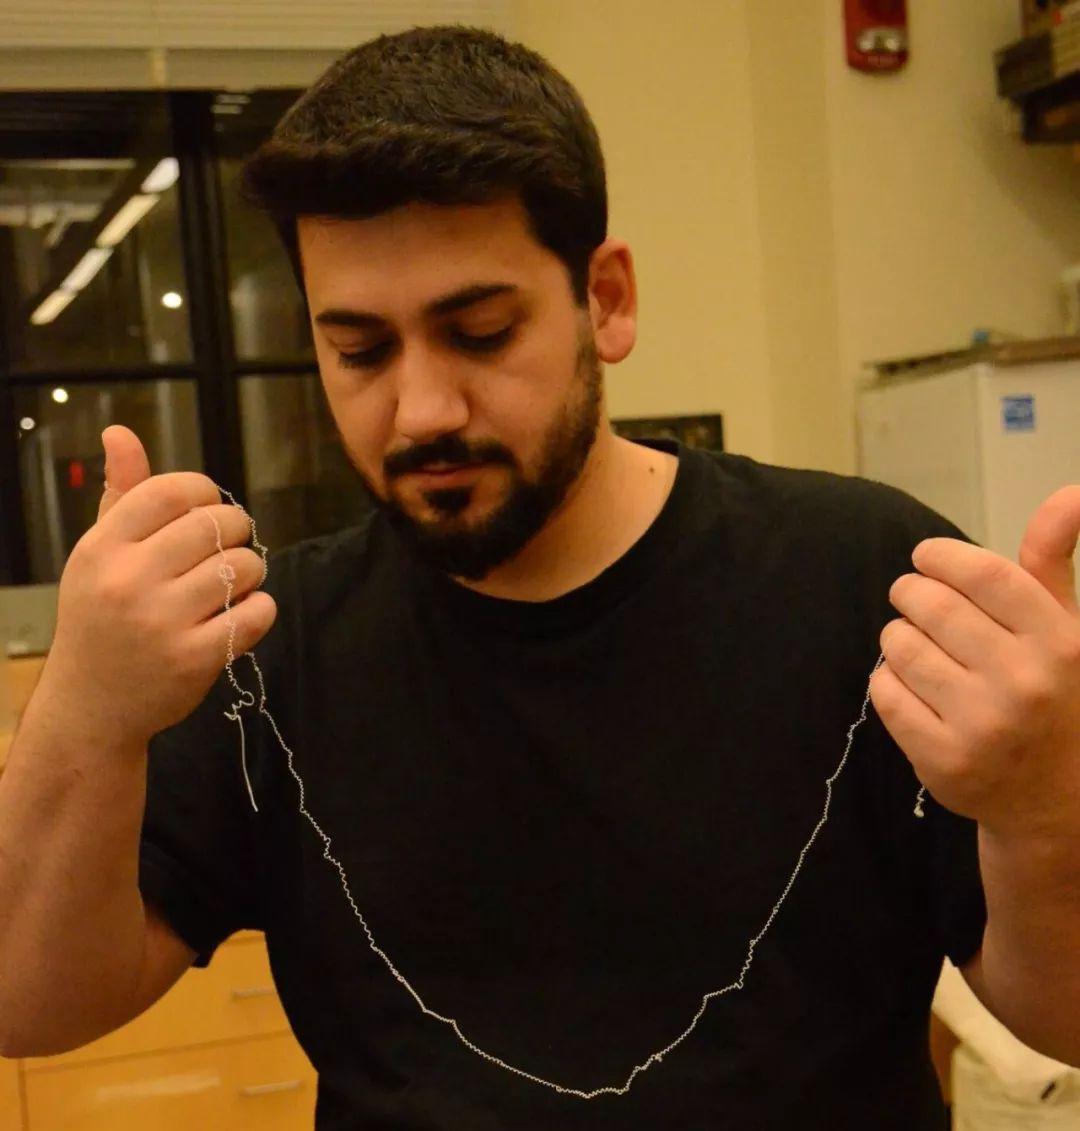 受黄瓜启发MIT打造新型'人造肌肉' 可提起自重650倍物体